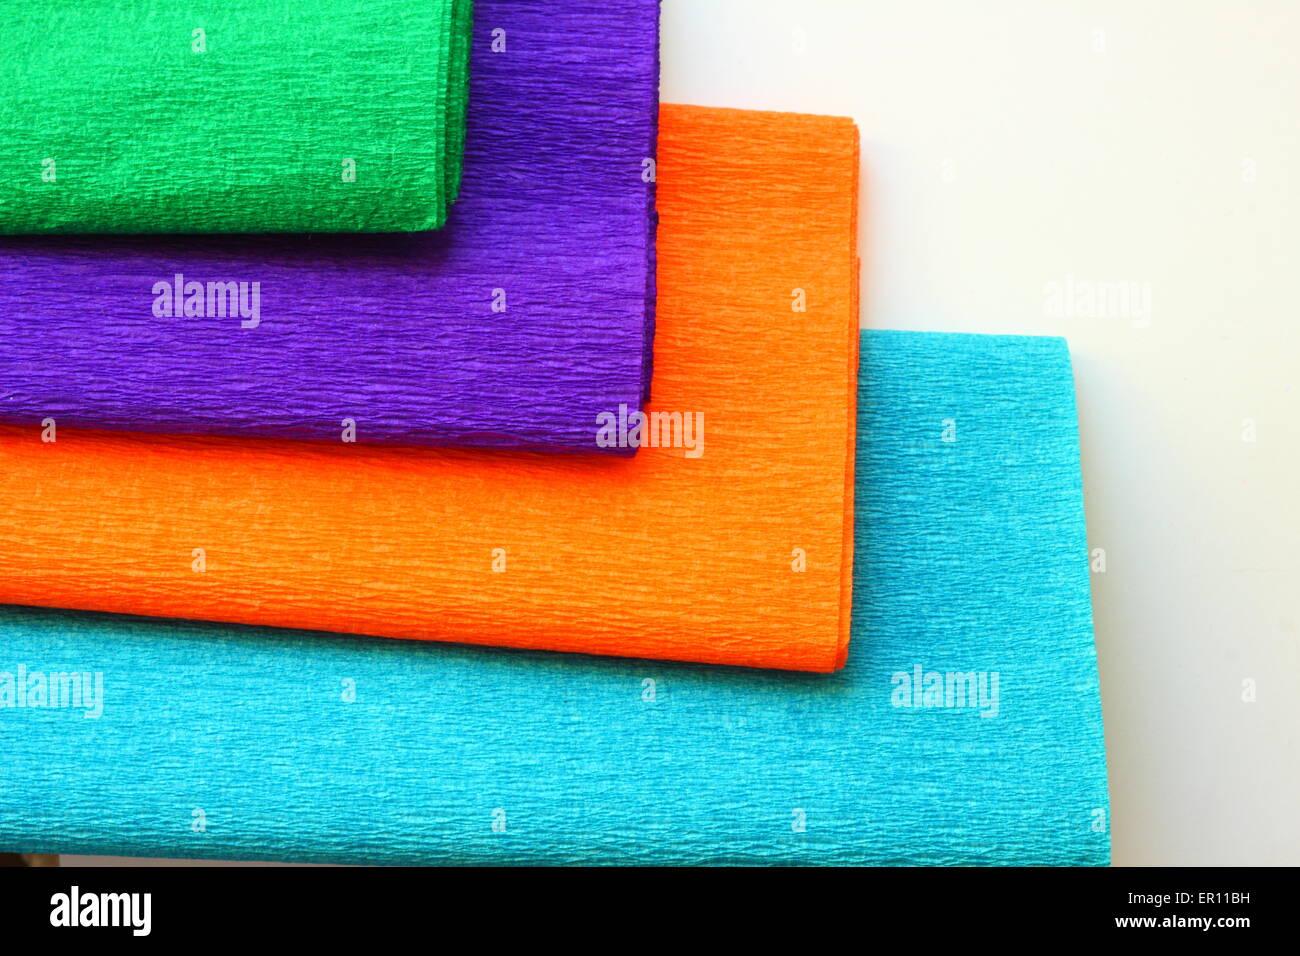 Rotoli Di Carta Colorata : Modello di carta colorata immagini modello di carta colorata